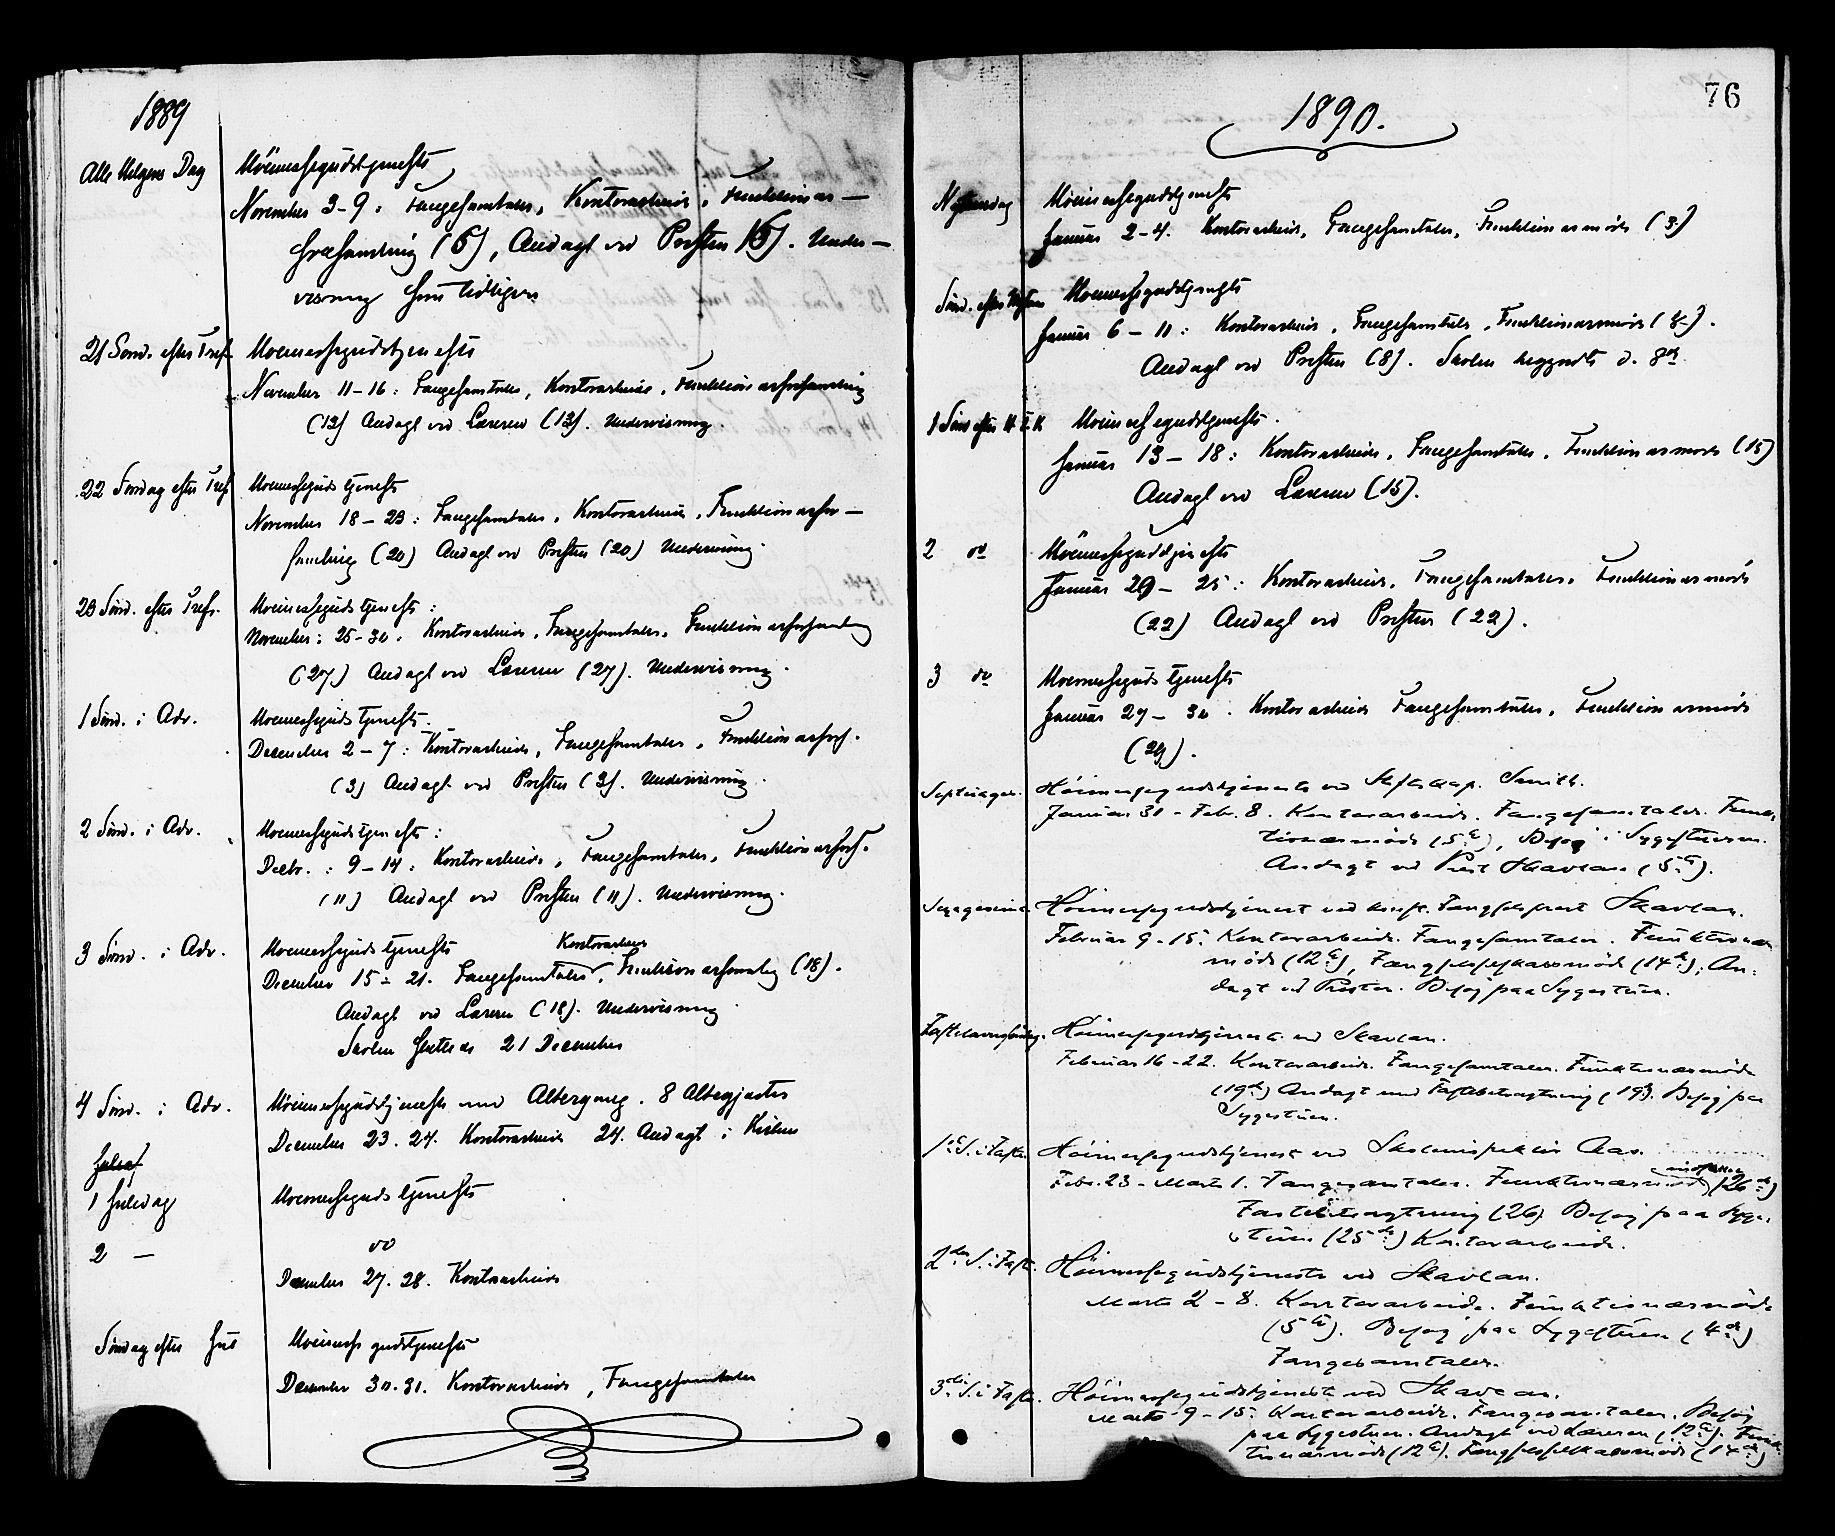 SAT, Ministerialprotokoller, klokkerbøker og fødselsregistre - Sør-Trøndelag, 624/L0482: Ministerialbok nr. 624A03, 1870-1918, s. 76